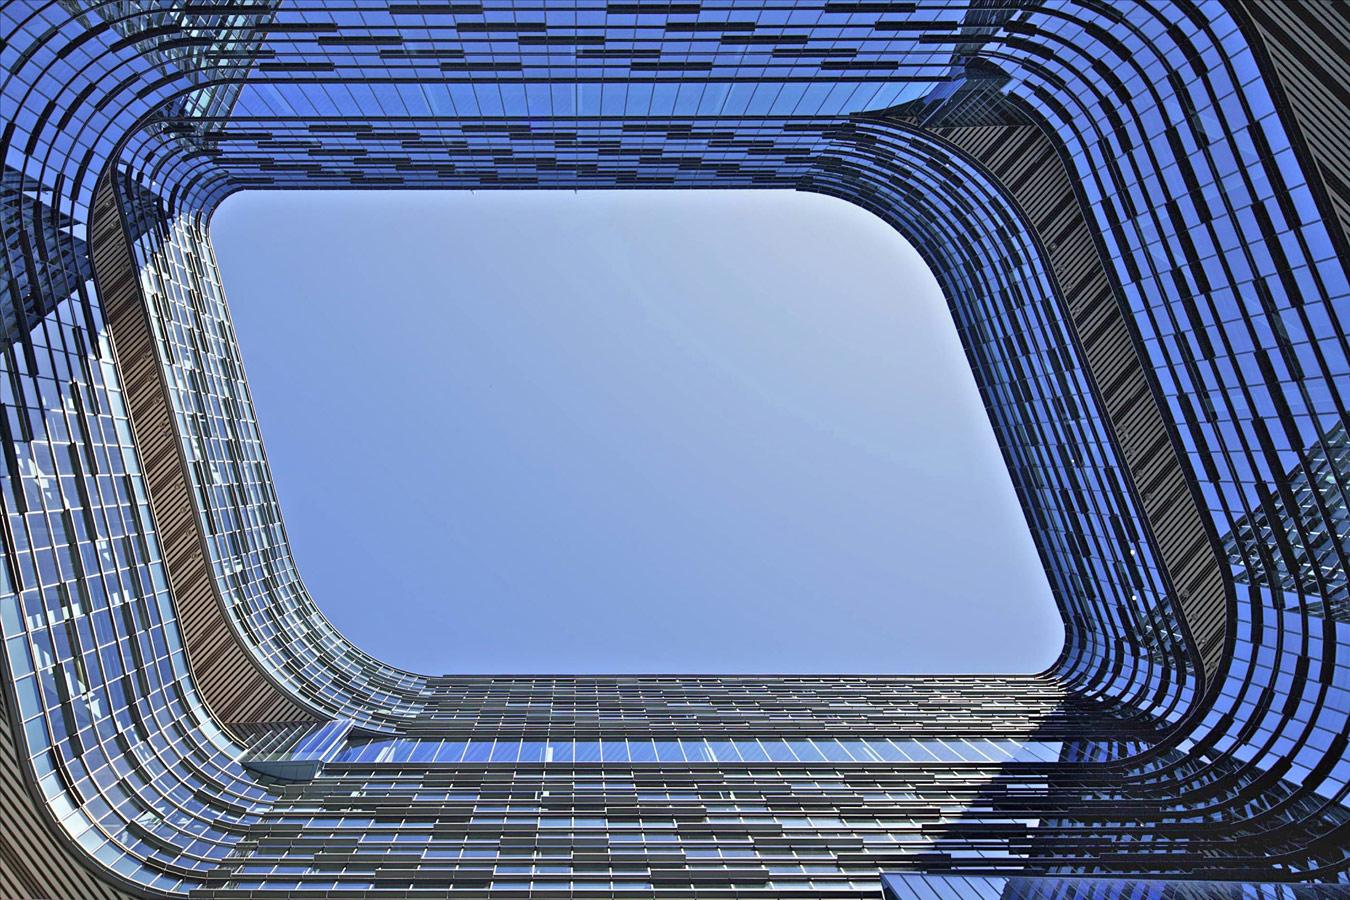 © Дэвид Кроуфорд (David Crawford), Штаб-квартира Samsung Electronics в Сан-Хосе (США). Архитекторы: NBBJ, Конкурс «Архитектурная фотография»